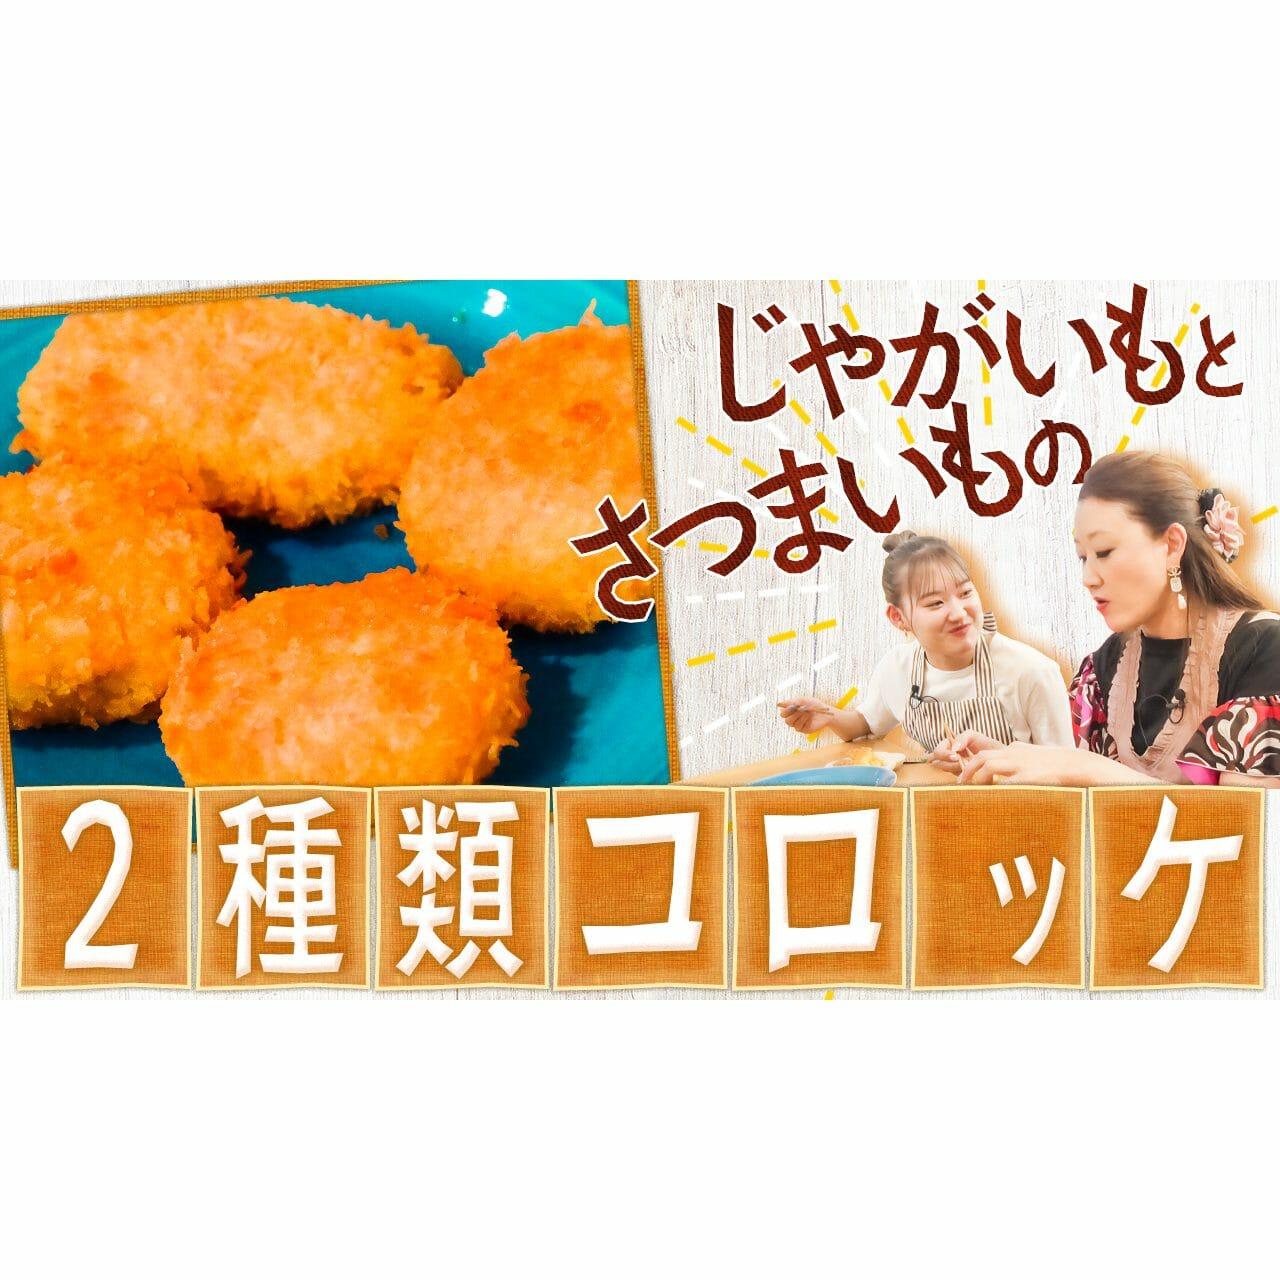 かおりクッキング【2種類のコロッケ】